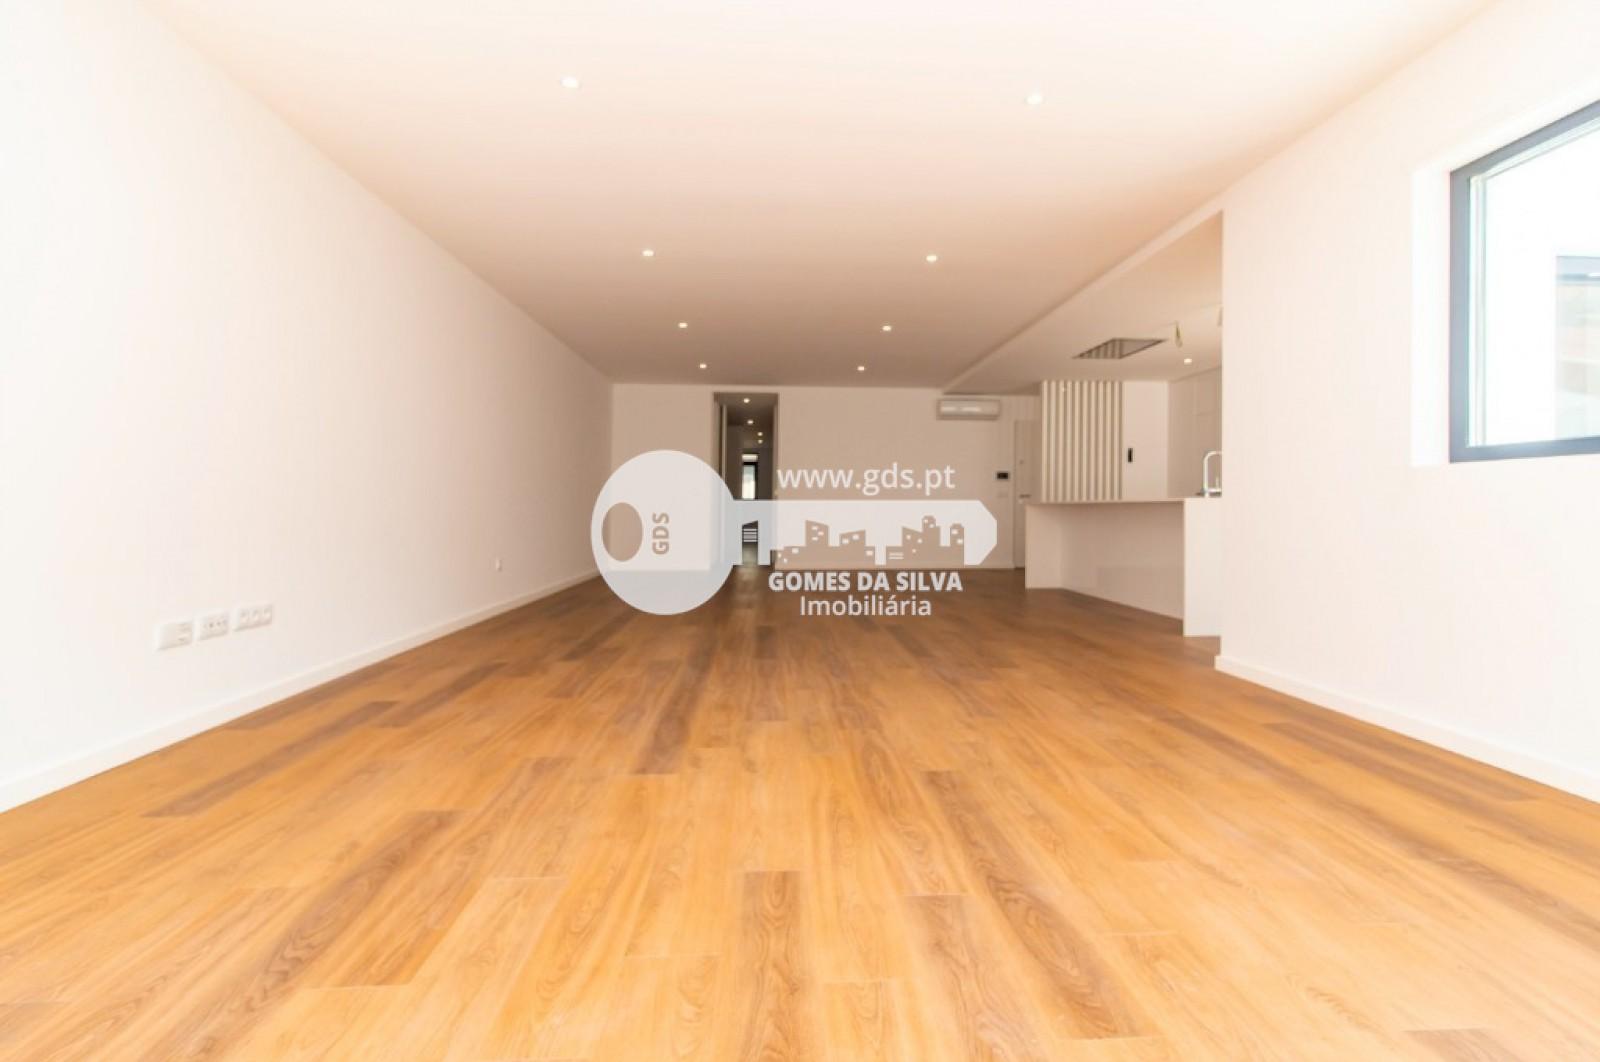 Apartamento T3 para Venda em São Vicente, Braga, Braga - Imagem 32